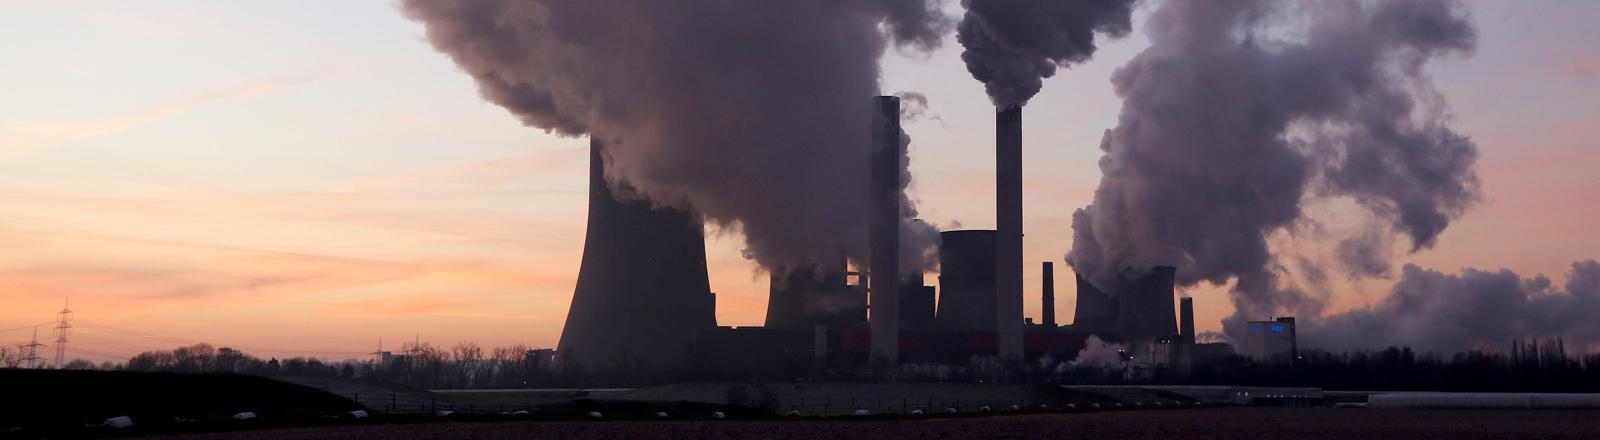 Kohlekraftwerk mit rauchenden Türmen